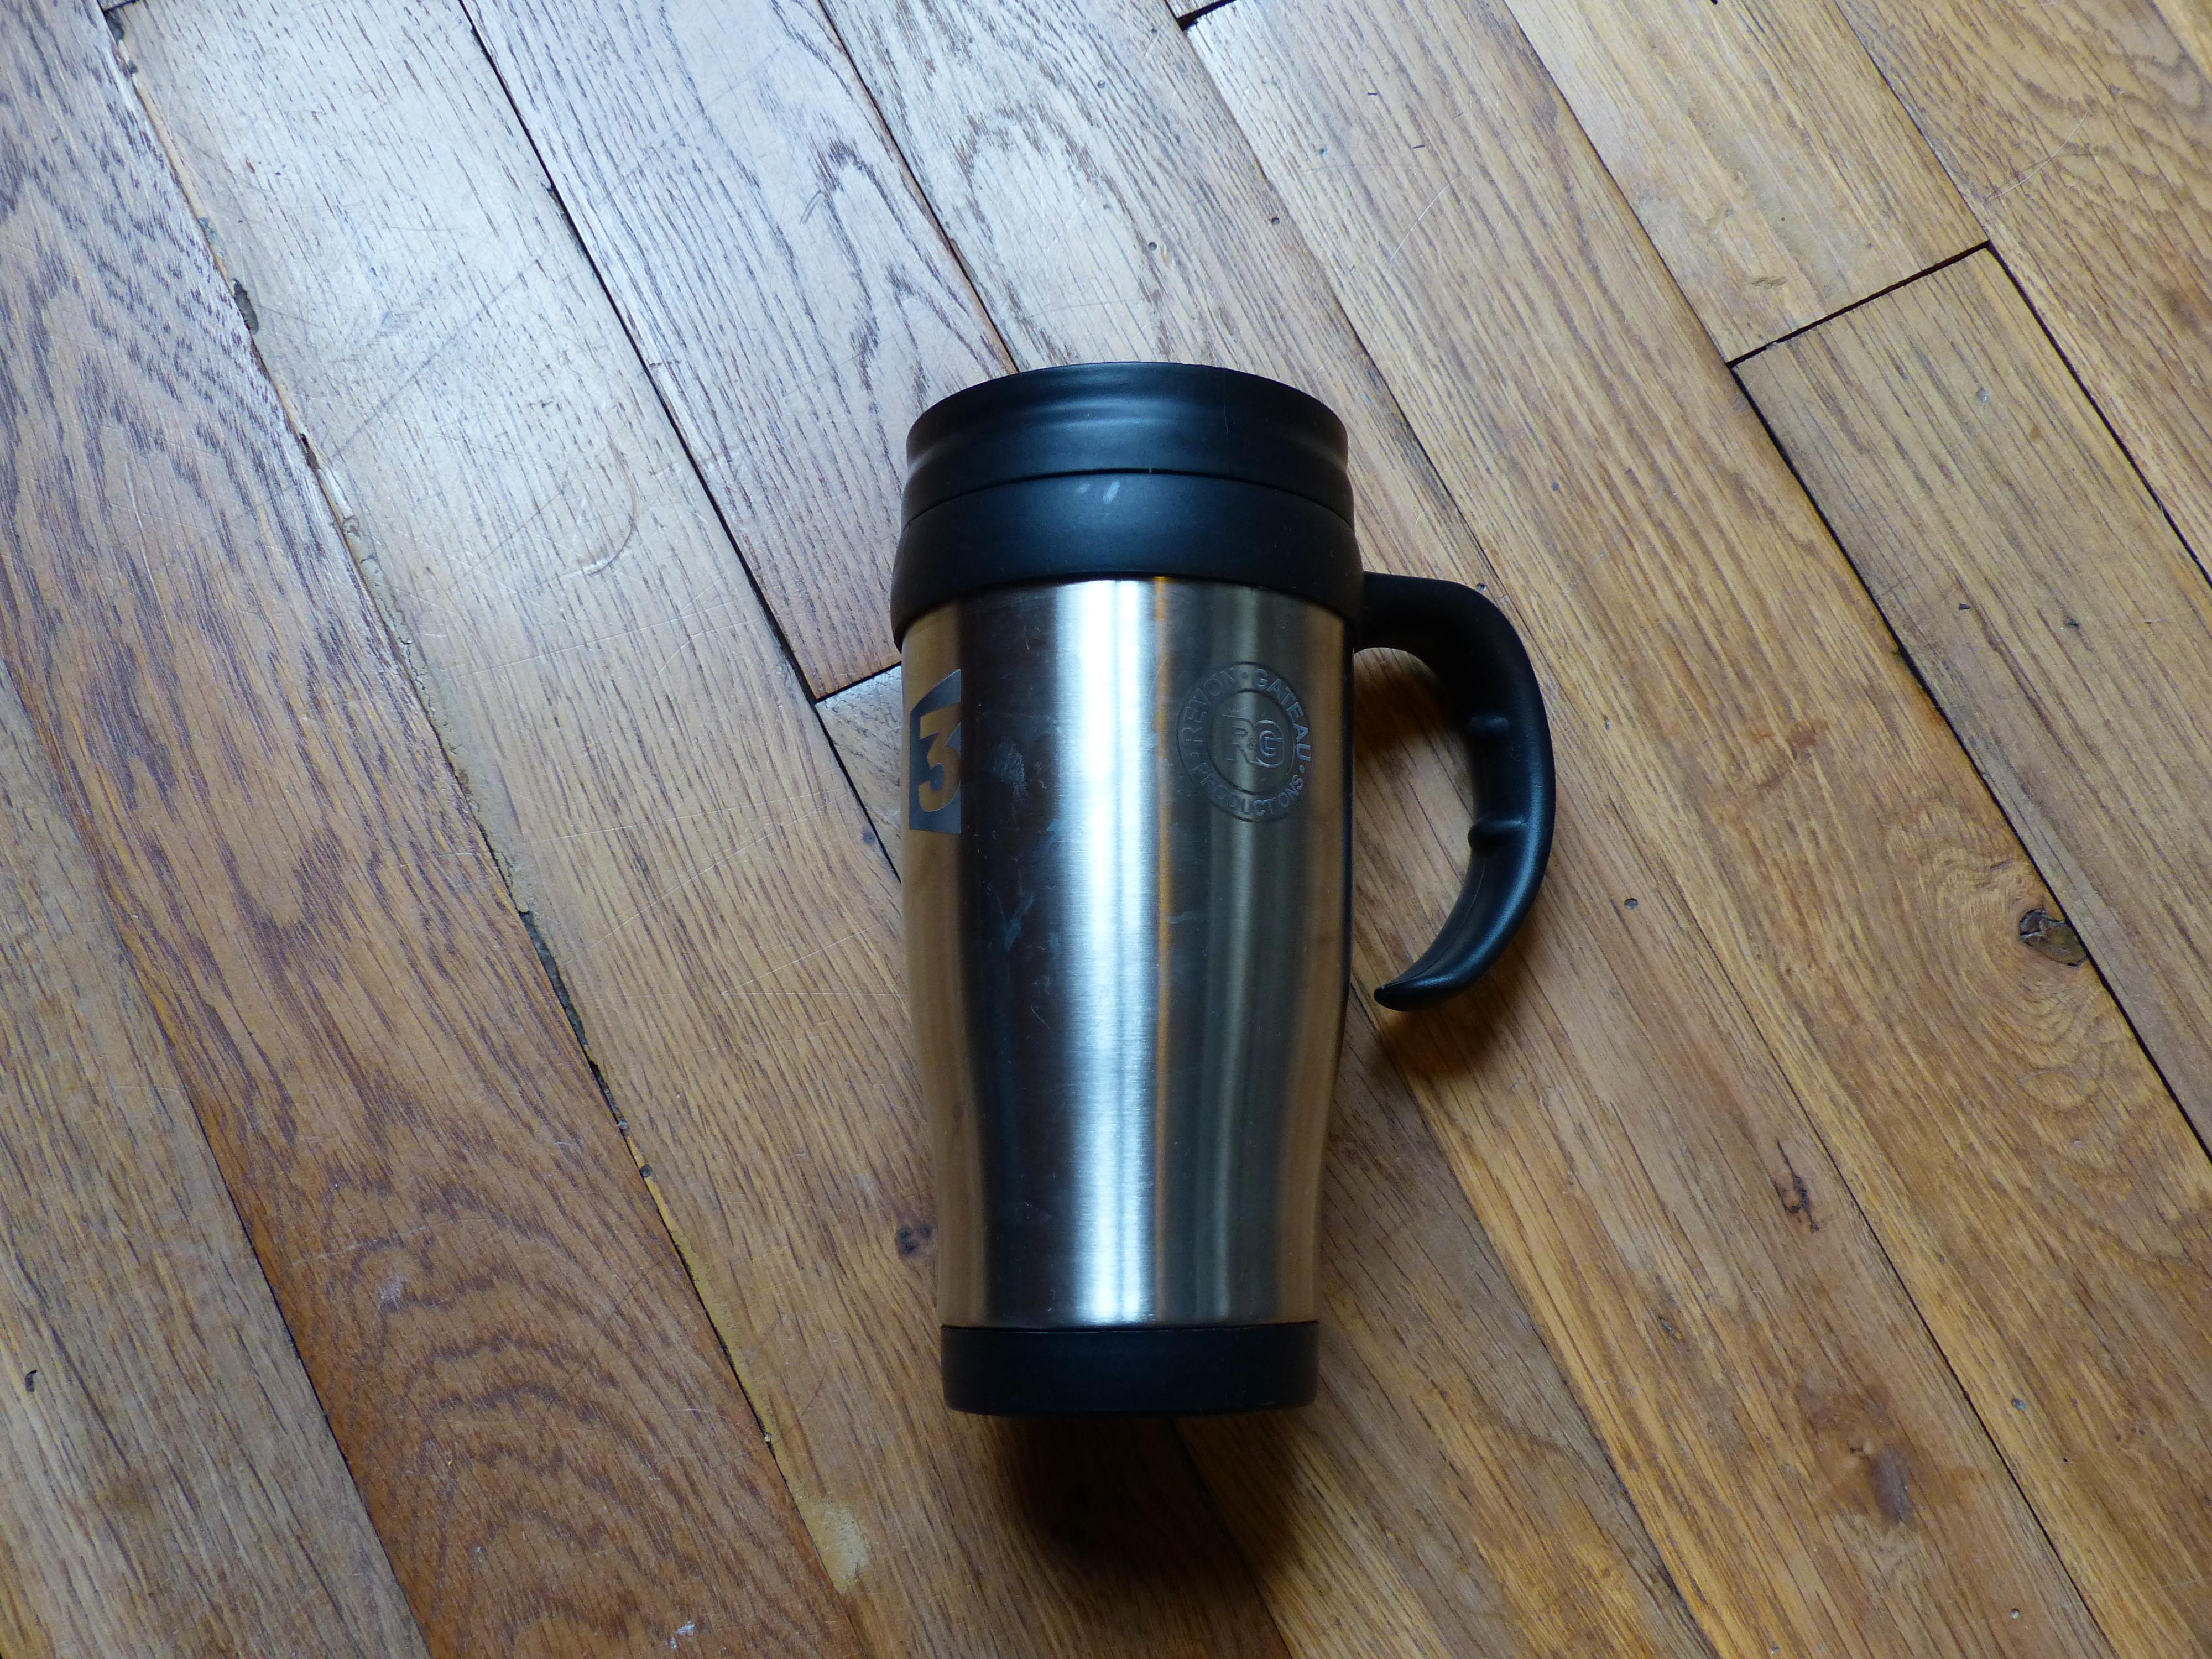 troc de troc contenant thé ou café image 0